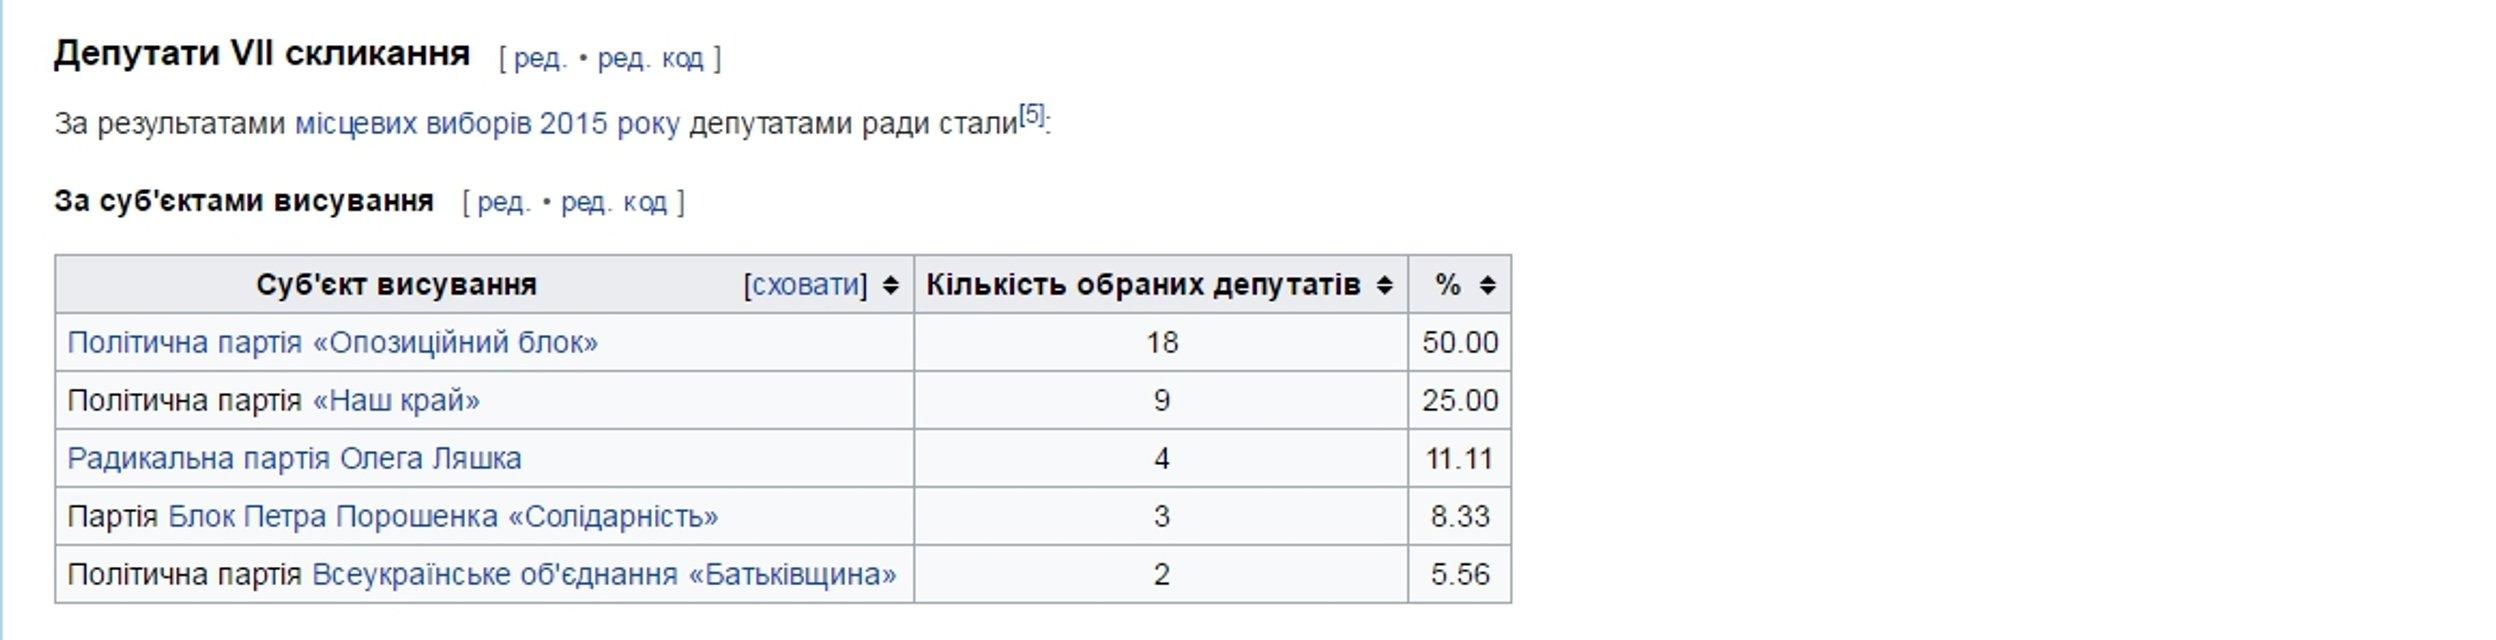 Как мэр-сепаратист назначил служившего 'ДНР' милиционера главой муниципальной полиции - фото 42308